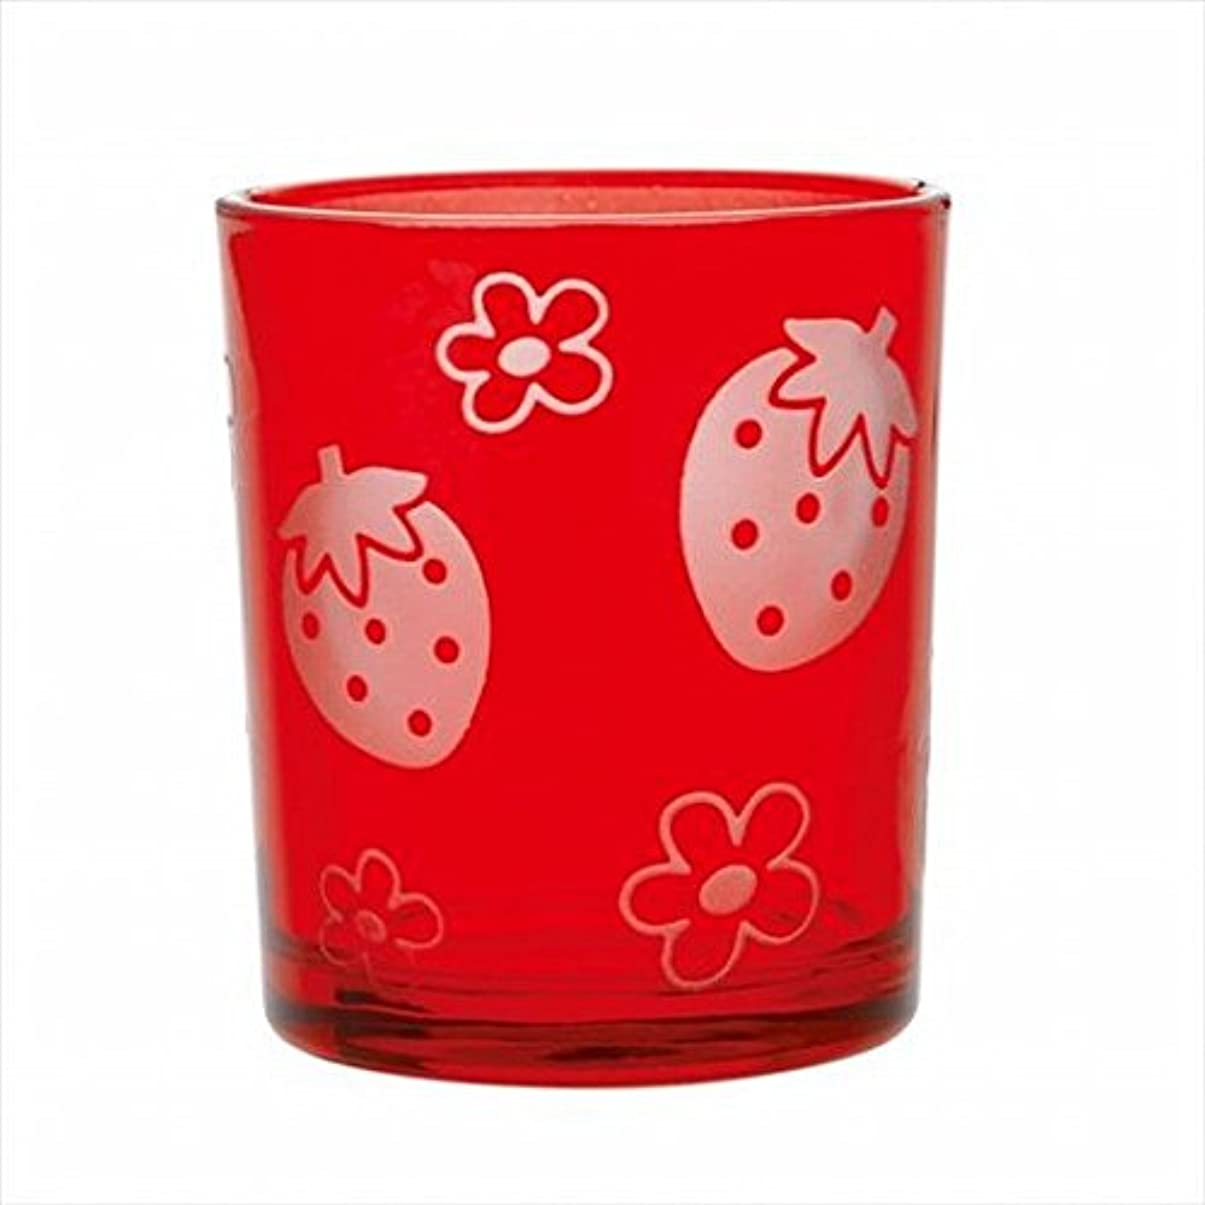 厳信条おなじみのsweets candle(スイーツキャンドル) いちごフロストカップ 「 レッド 」 キャンドル 55x55x65mm (J1490040R)